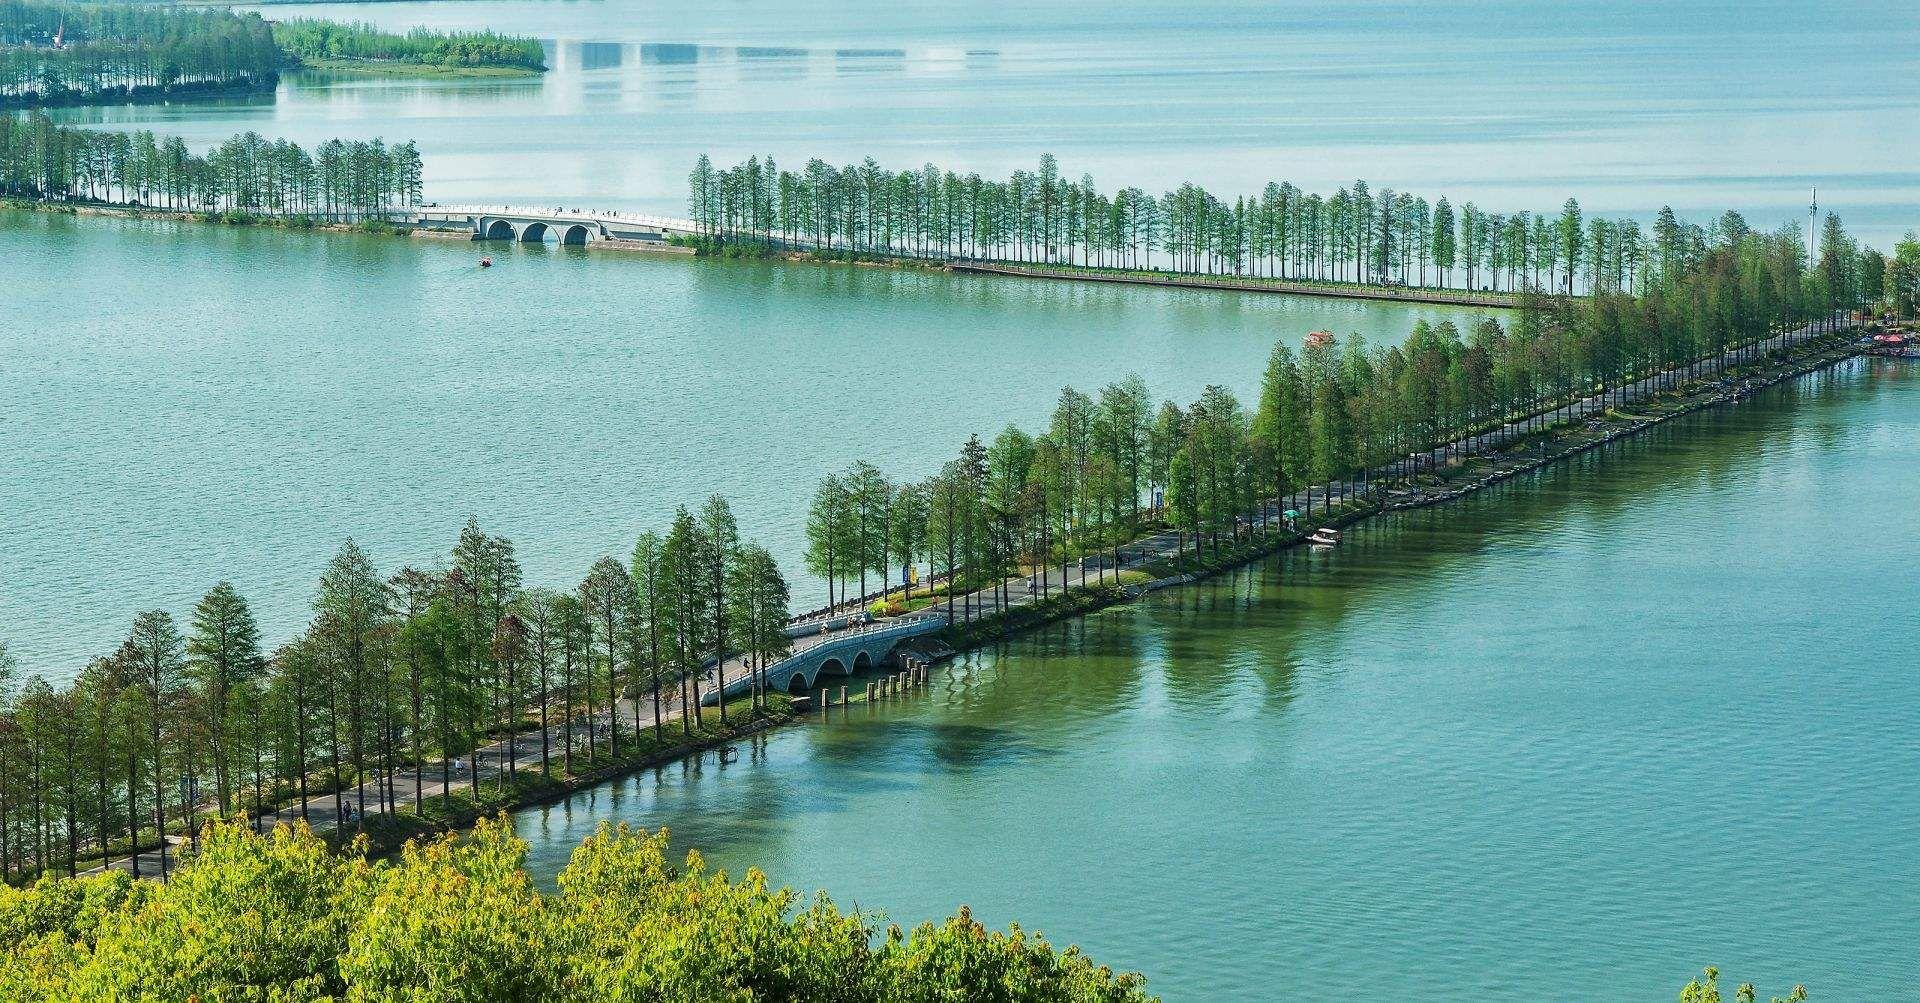 武汉东湖绿道——国内首条城区内5A级旅游景区绿道